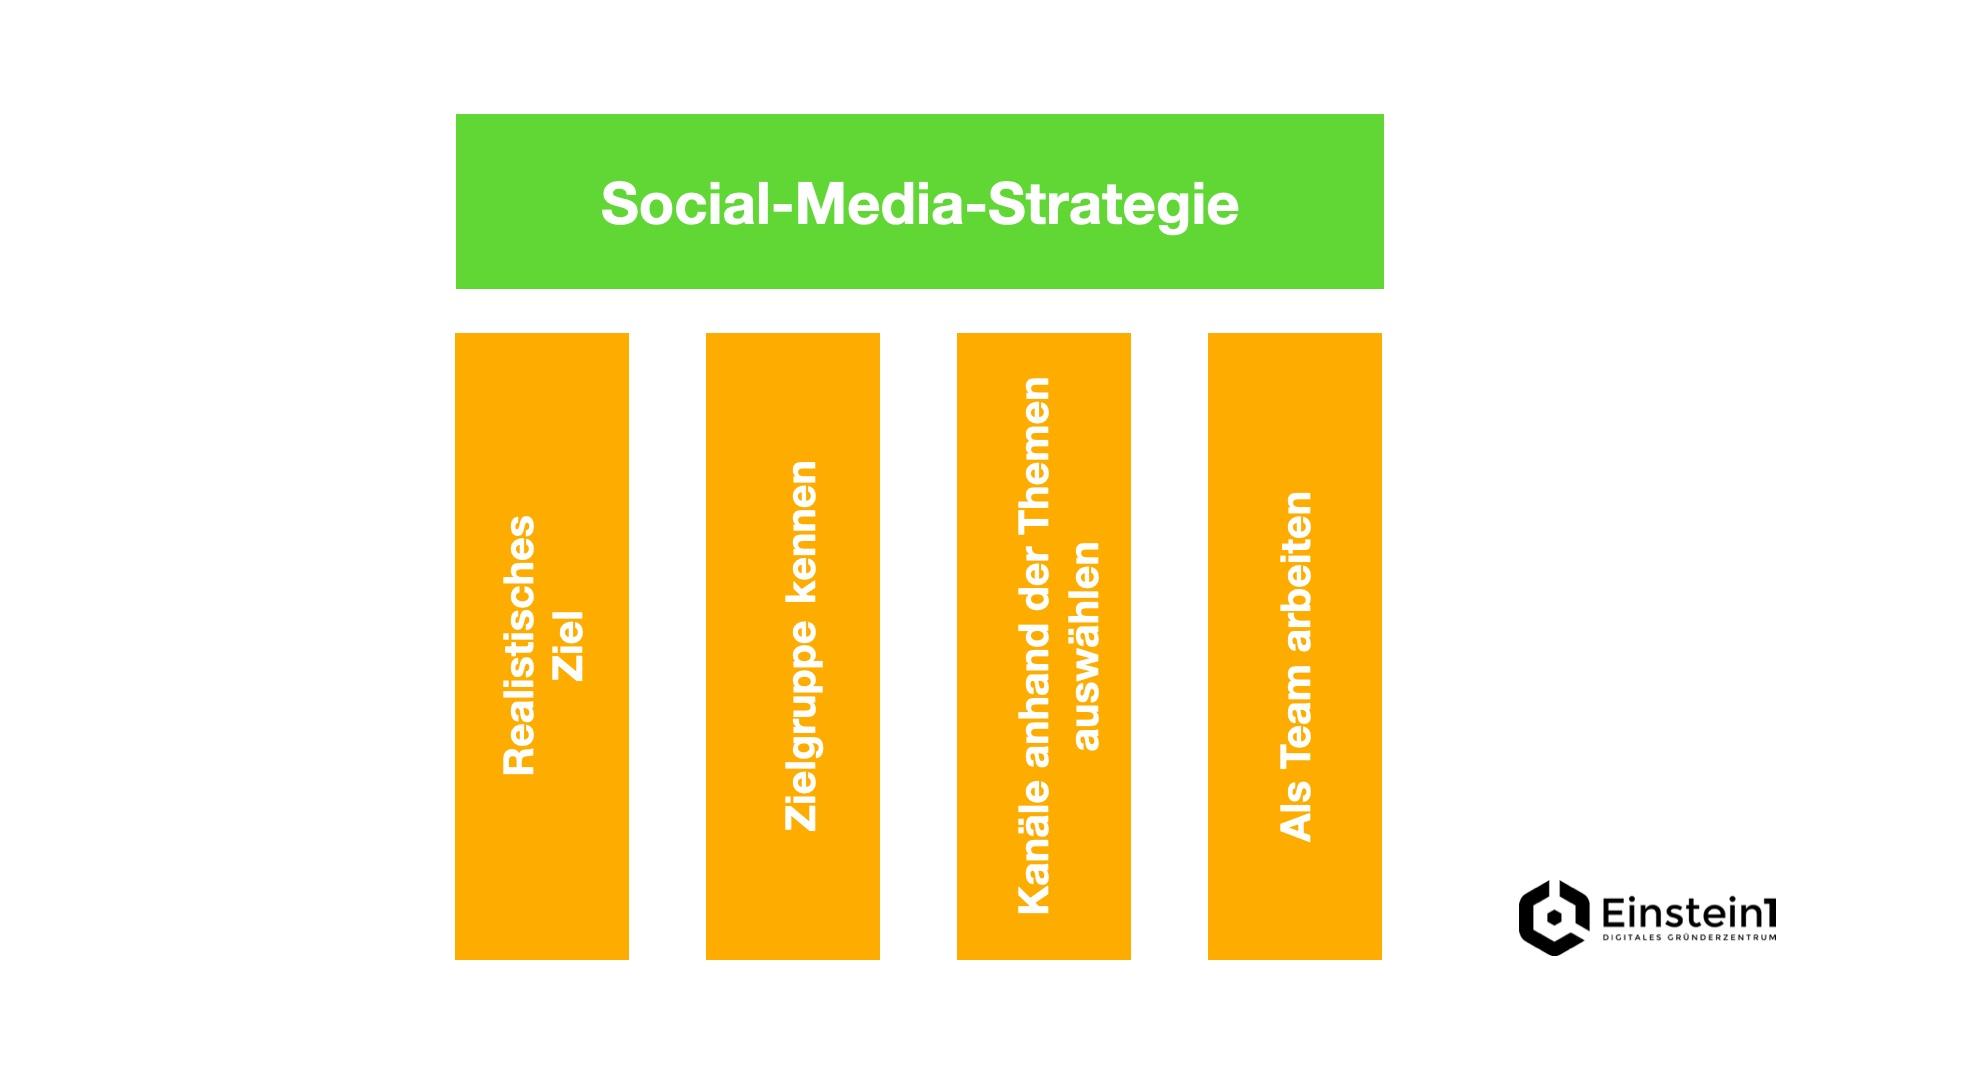 social-media-strategie-für-startups-4-säulen-einstein1